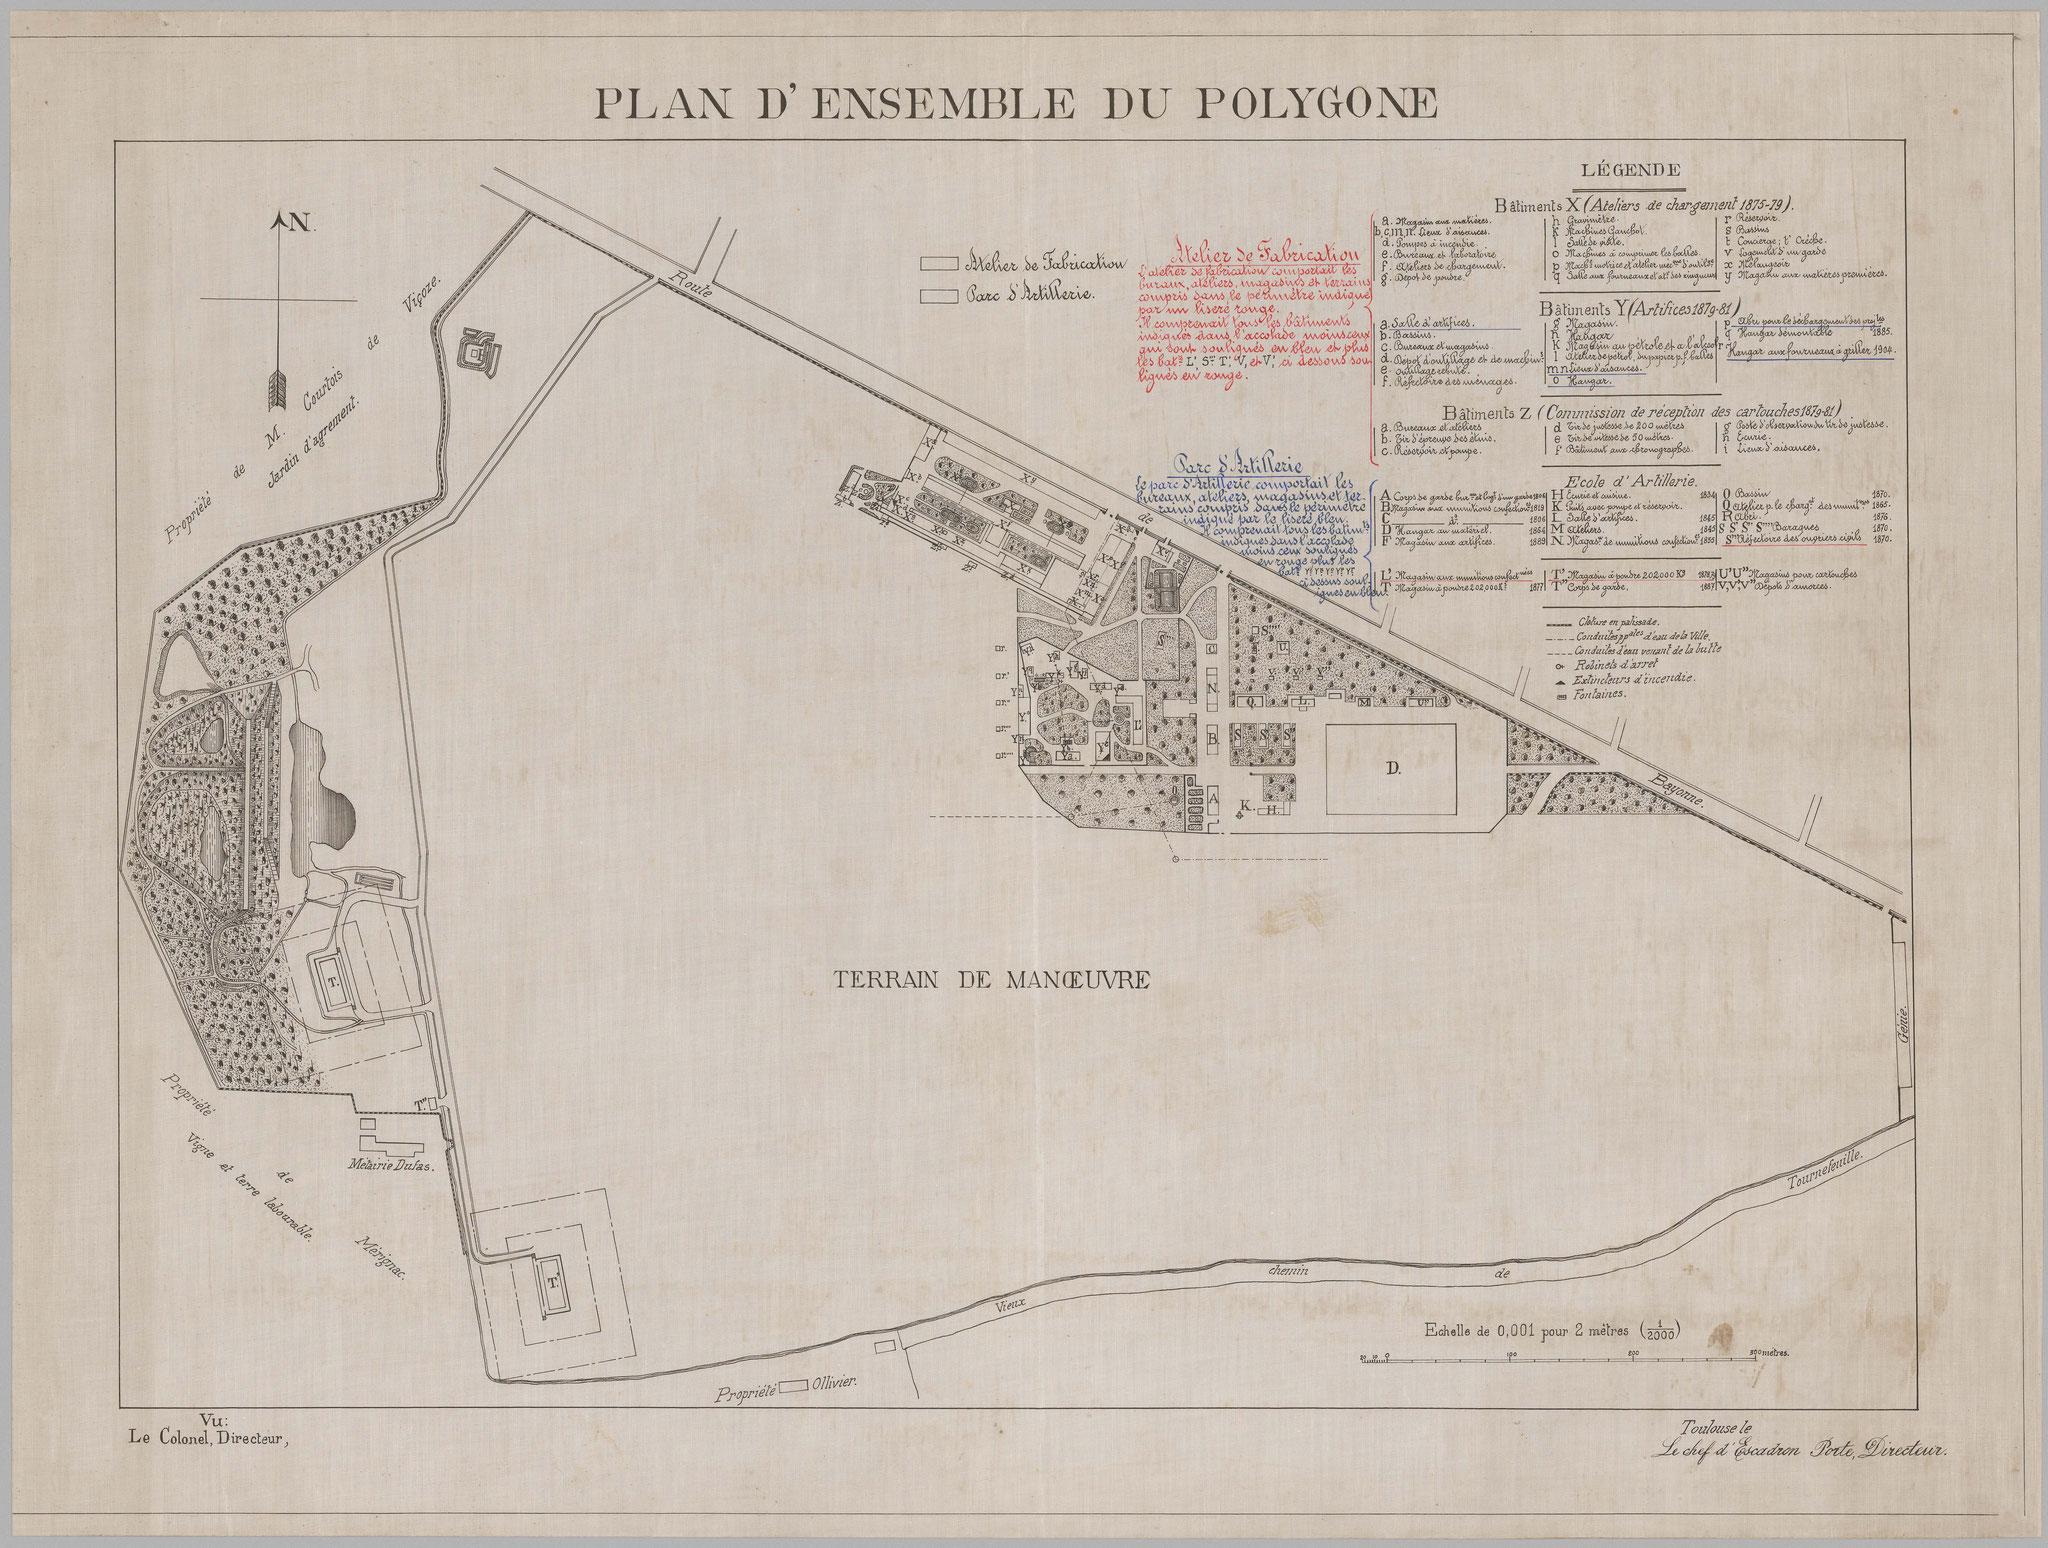 1911 : plan de séparation entre ATE et Arsenal